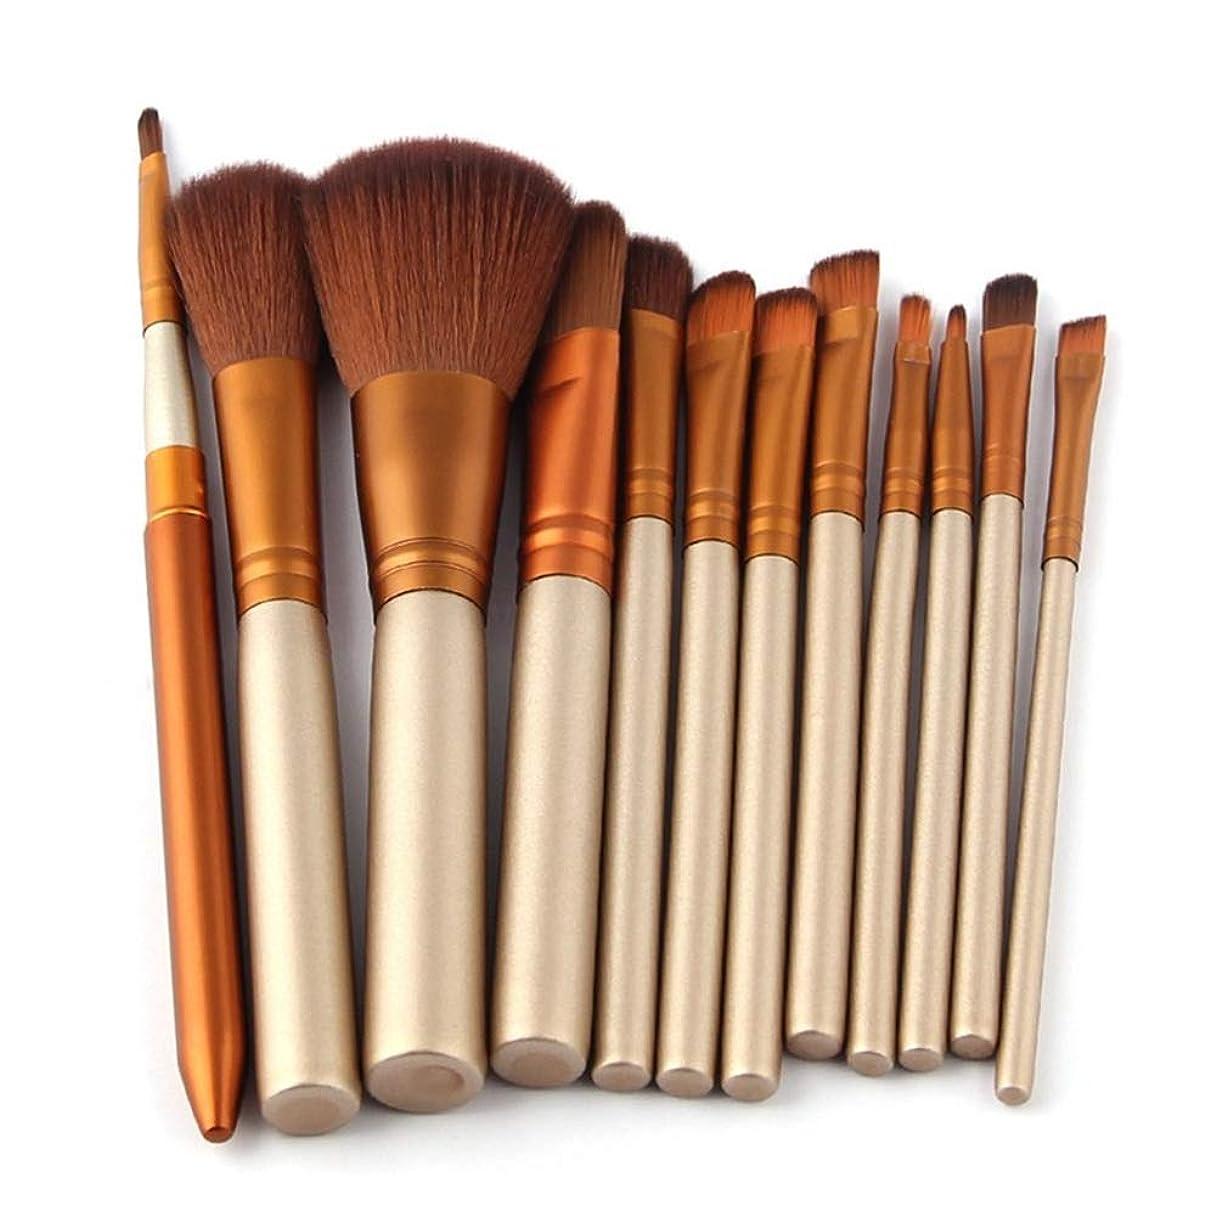 懲戒デイジーダッシュXULHKA 化粧ブラシ12個ブラシセット化粧道具顔メイクブラシシャドウパウダーブラシ